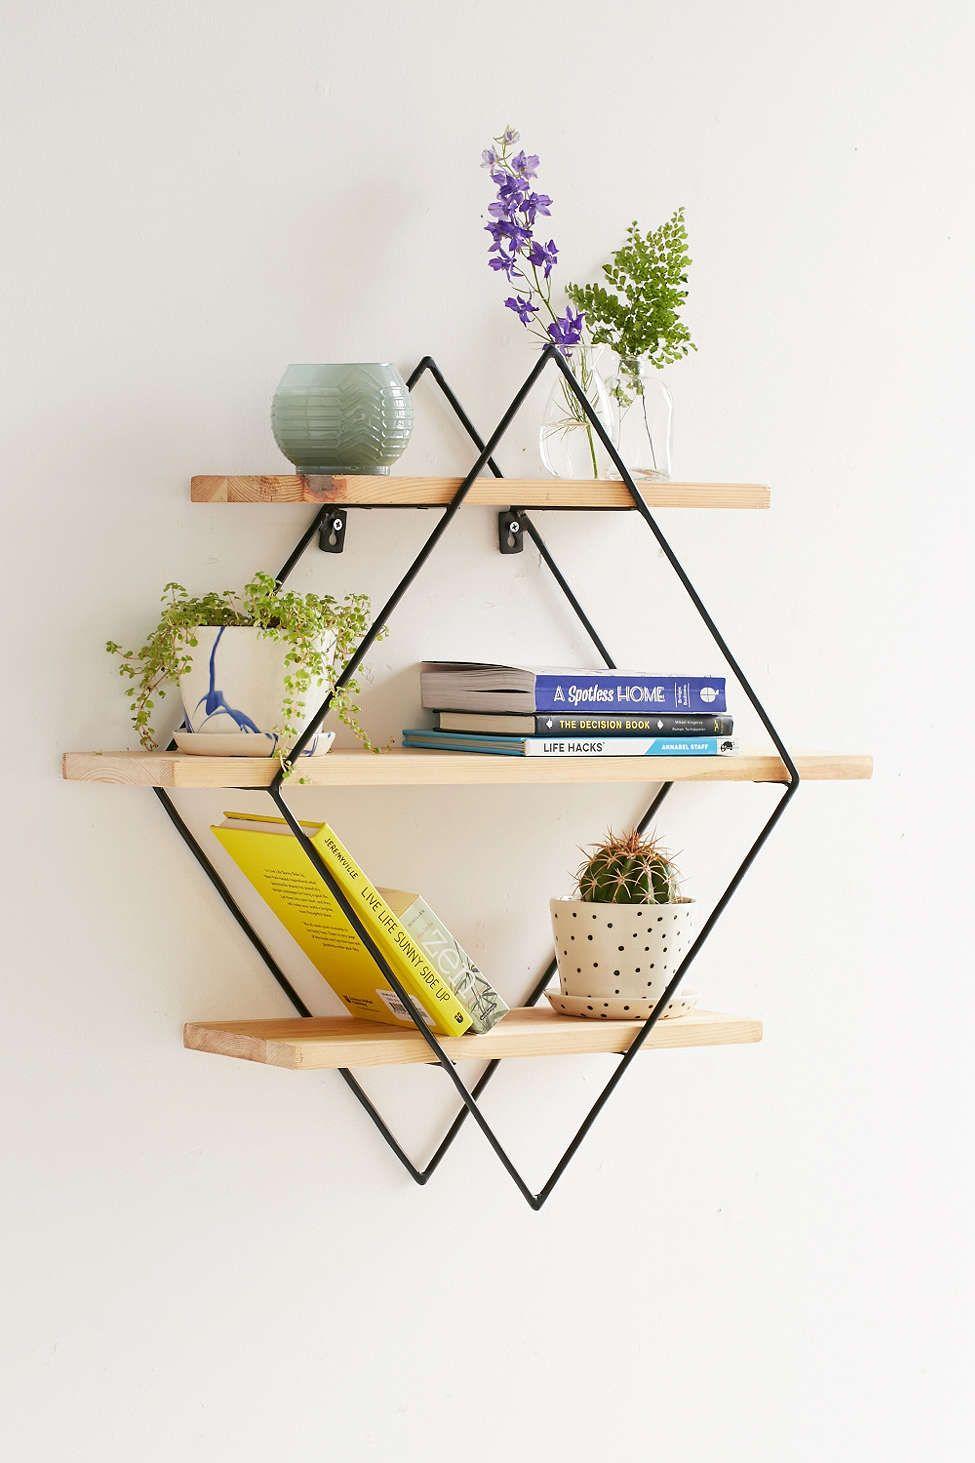 Comment Décorer Son Appartement Pas Cher diamond cross planes wall shelf | comment décorer son